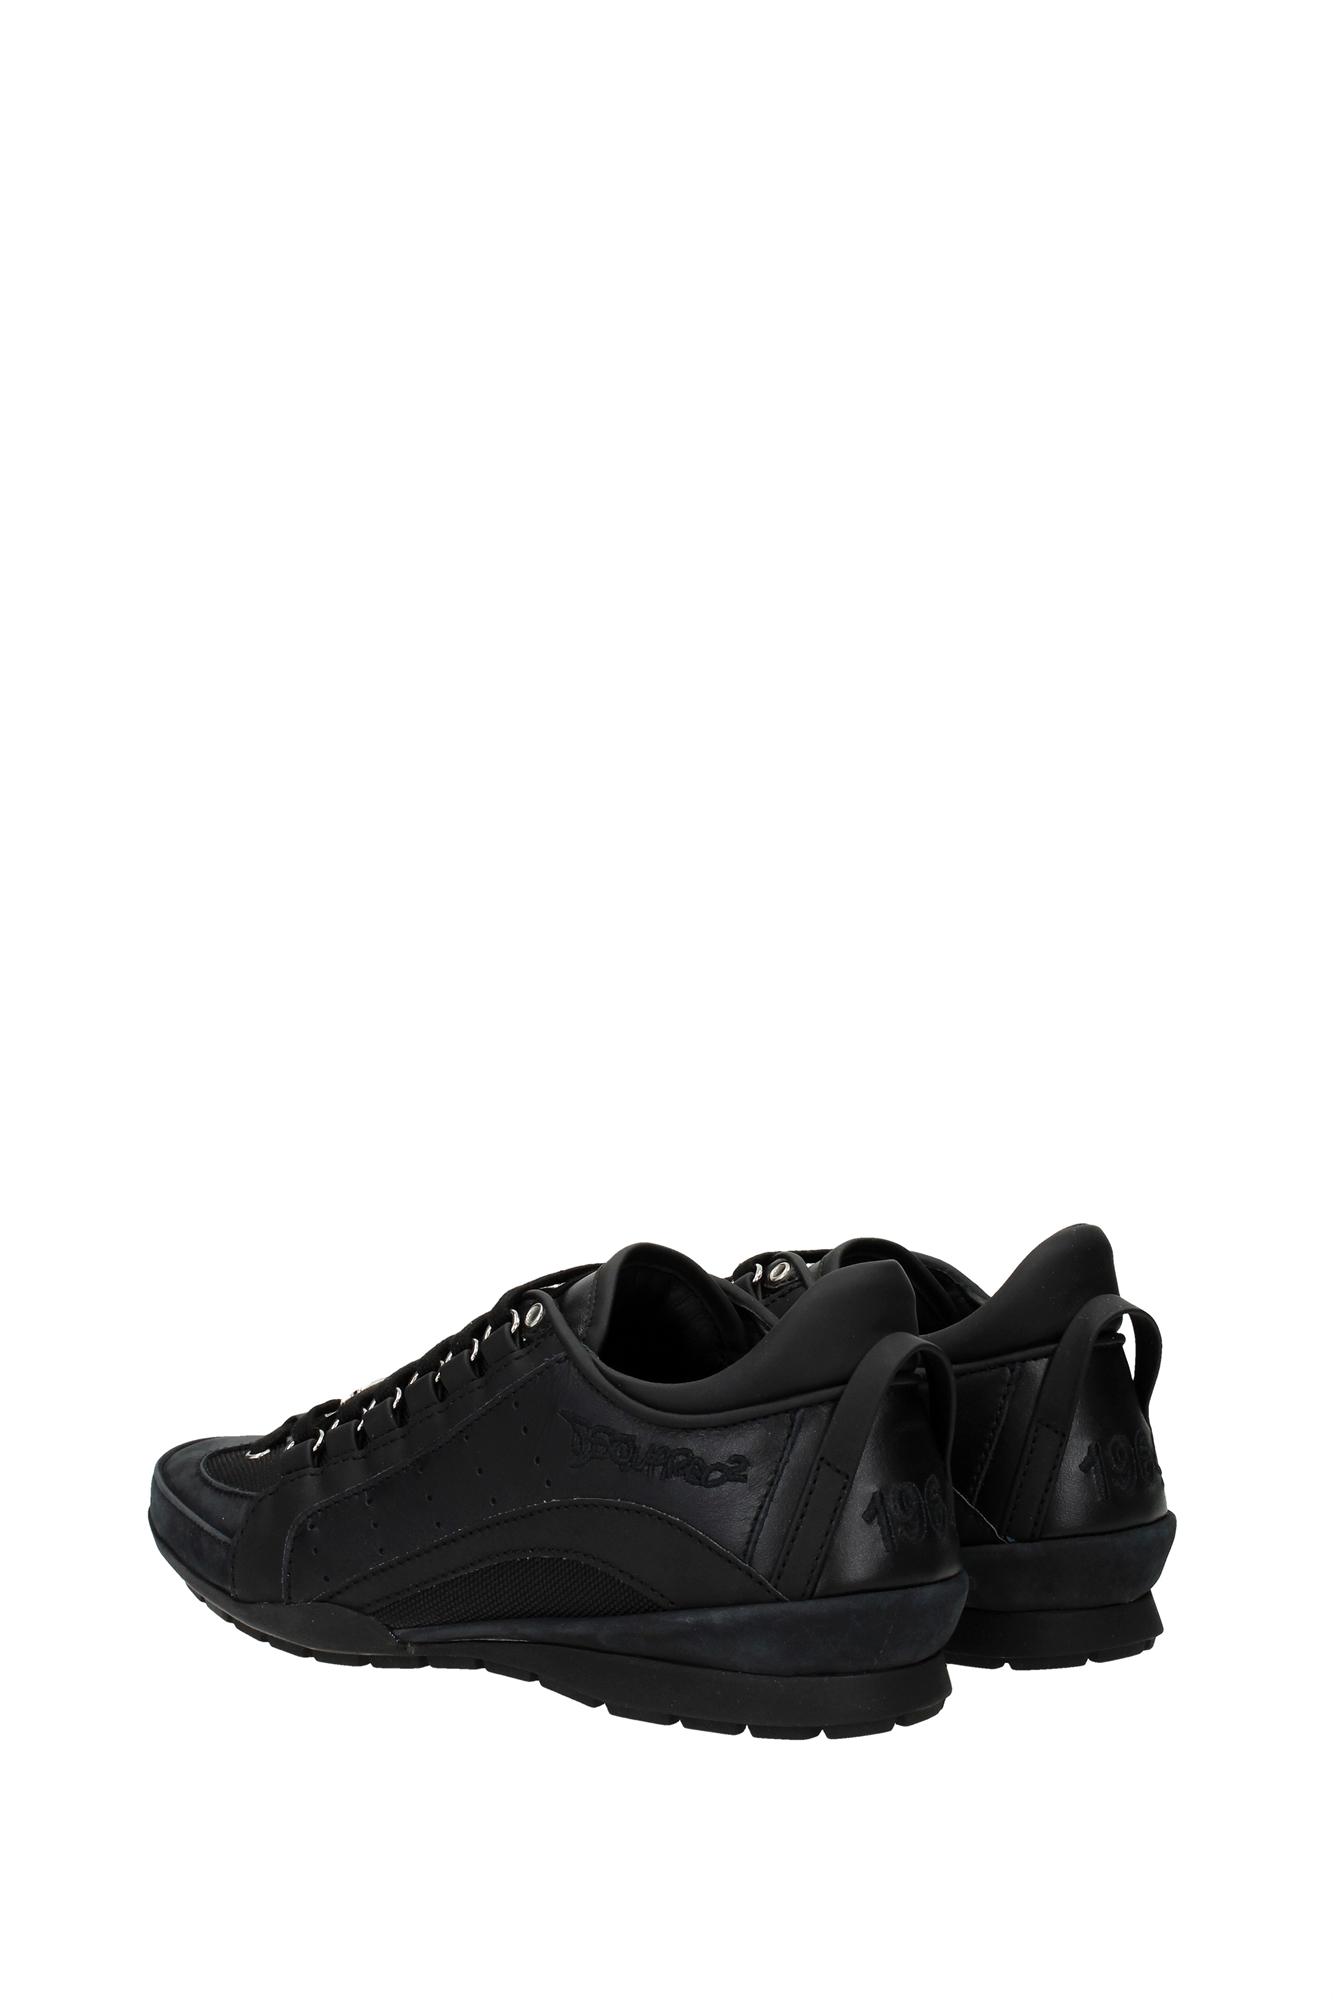 sneakers dsquared2 herren leder schwarz w16sn4347152124 ebay. Black Bedroom Furniture Sets. Home Design Ideas